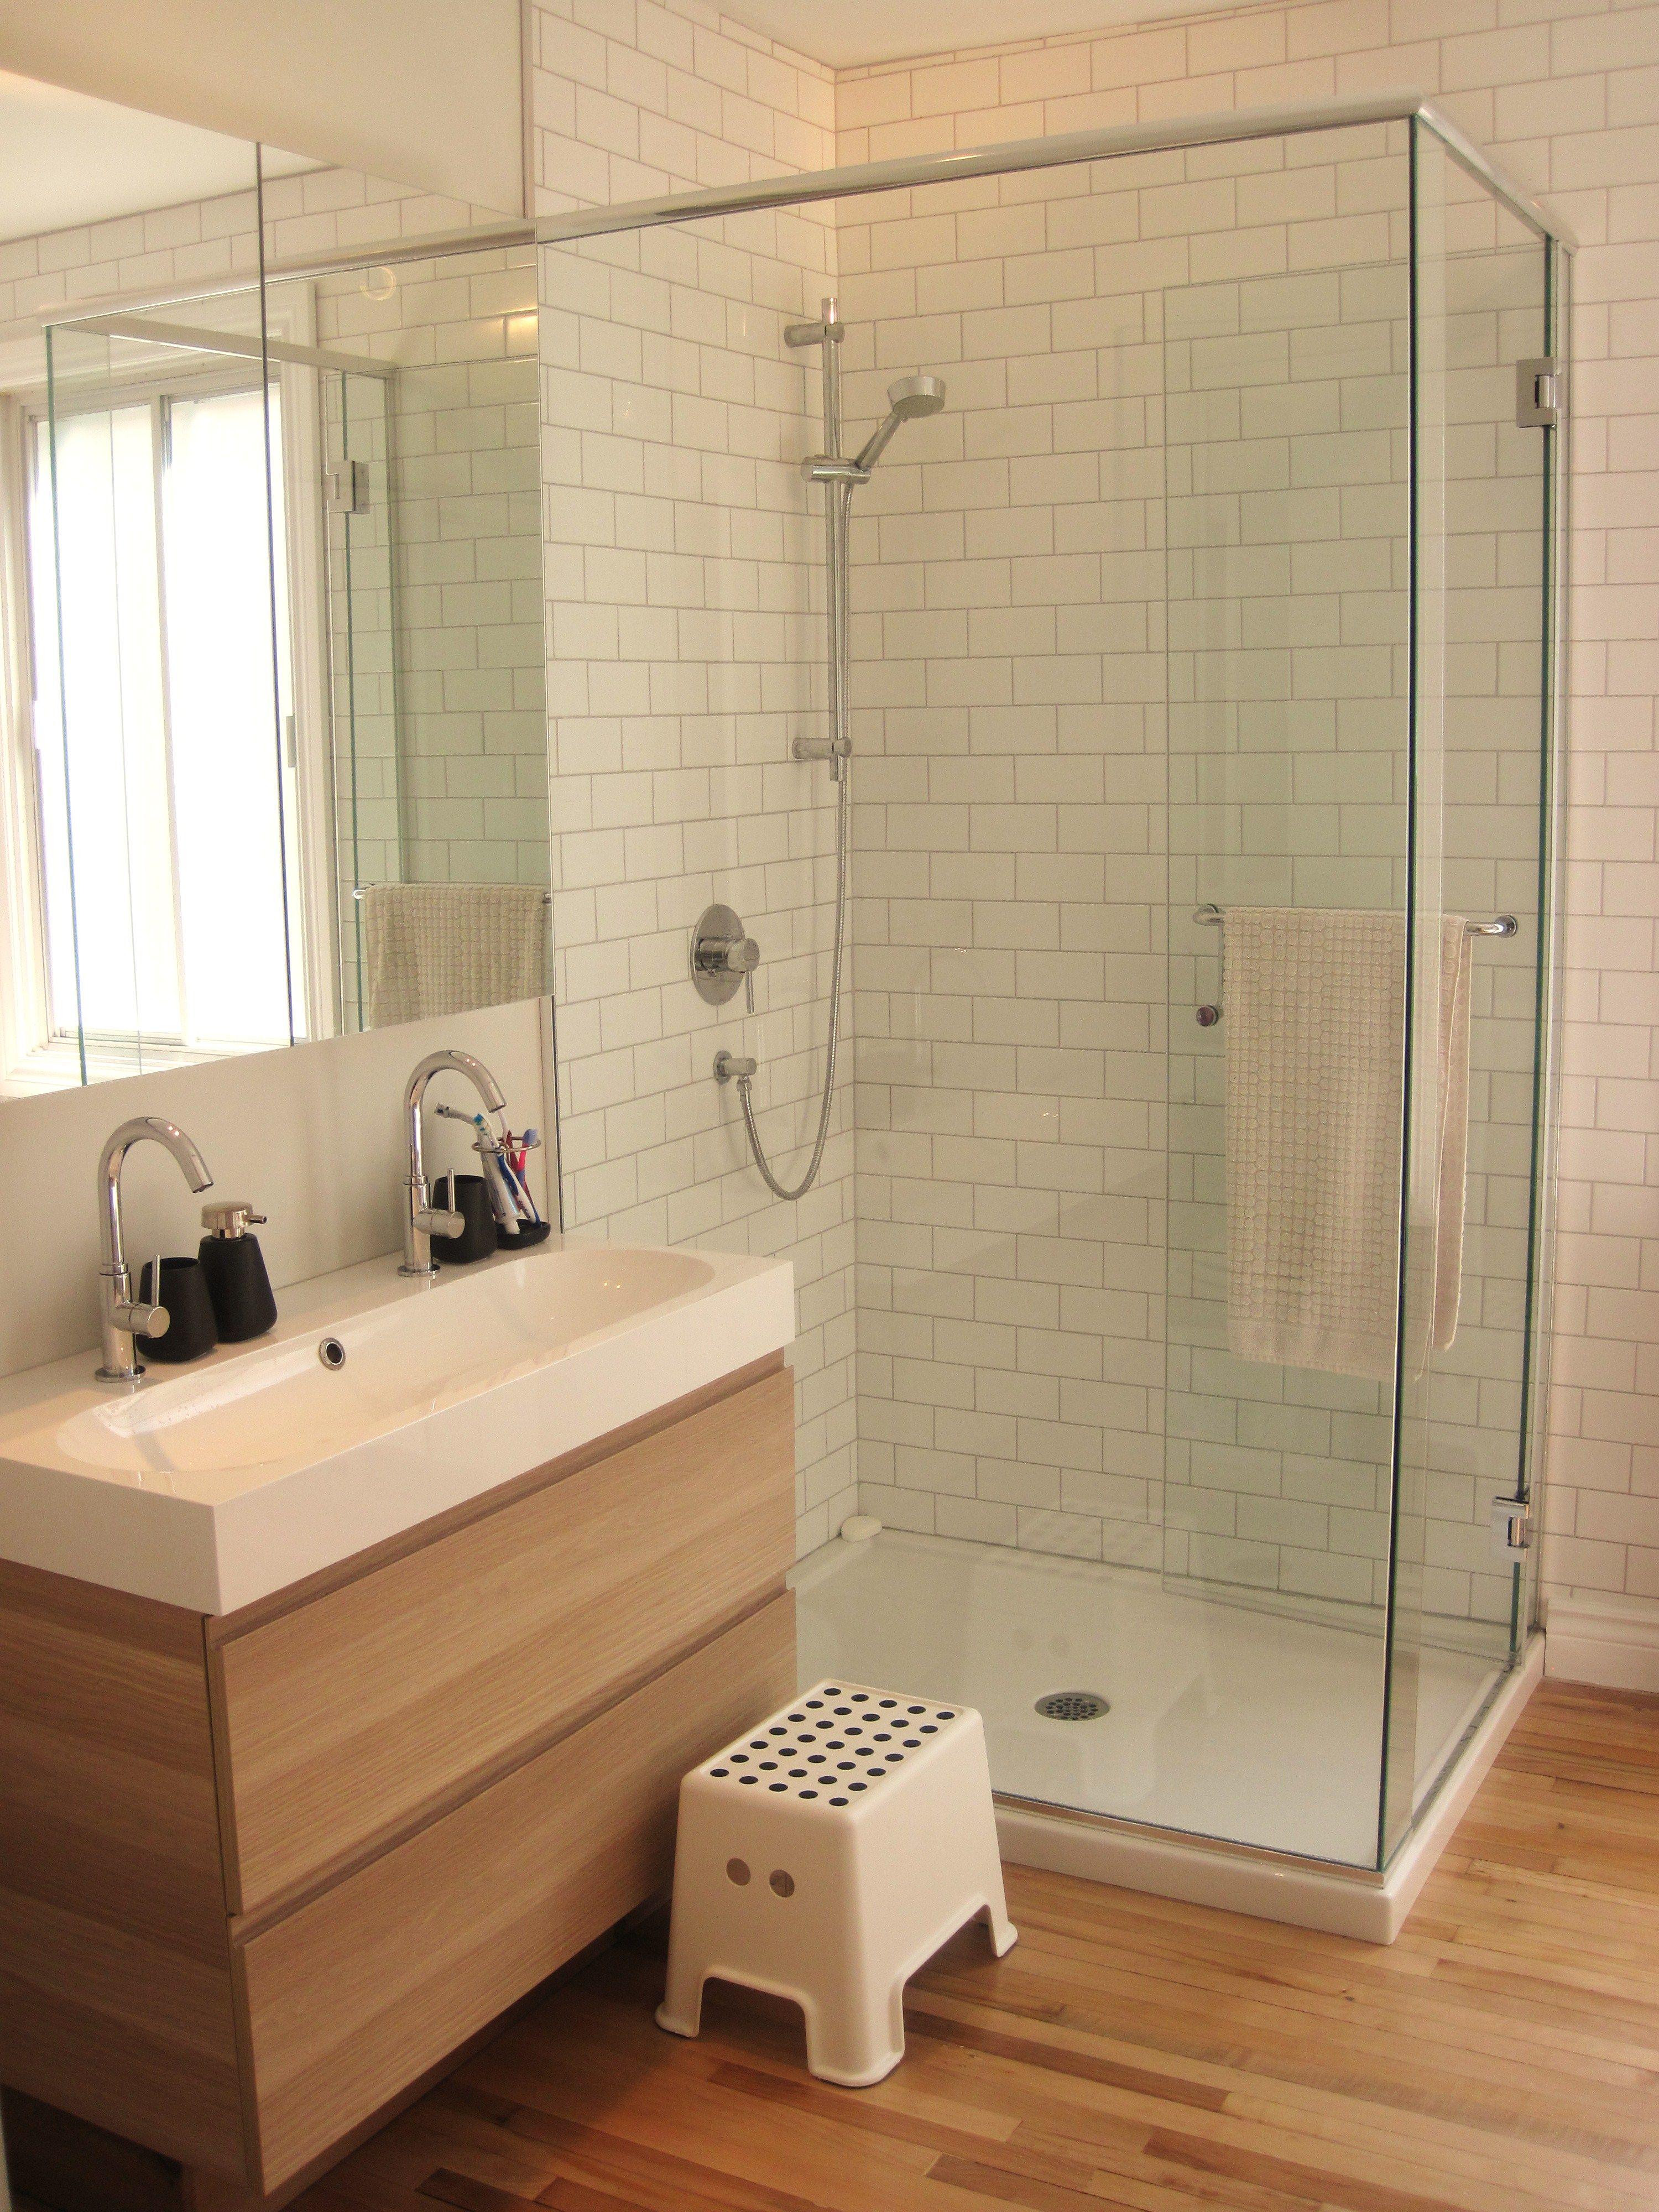 Plus de 1000 id es propos de salle de bain sur pinterest - Salle de bain italienne ikea ...